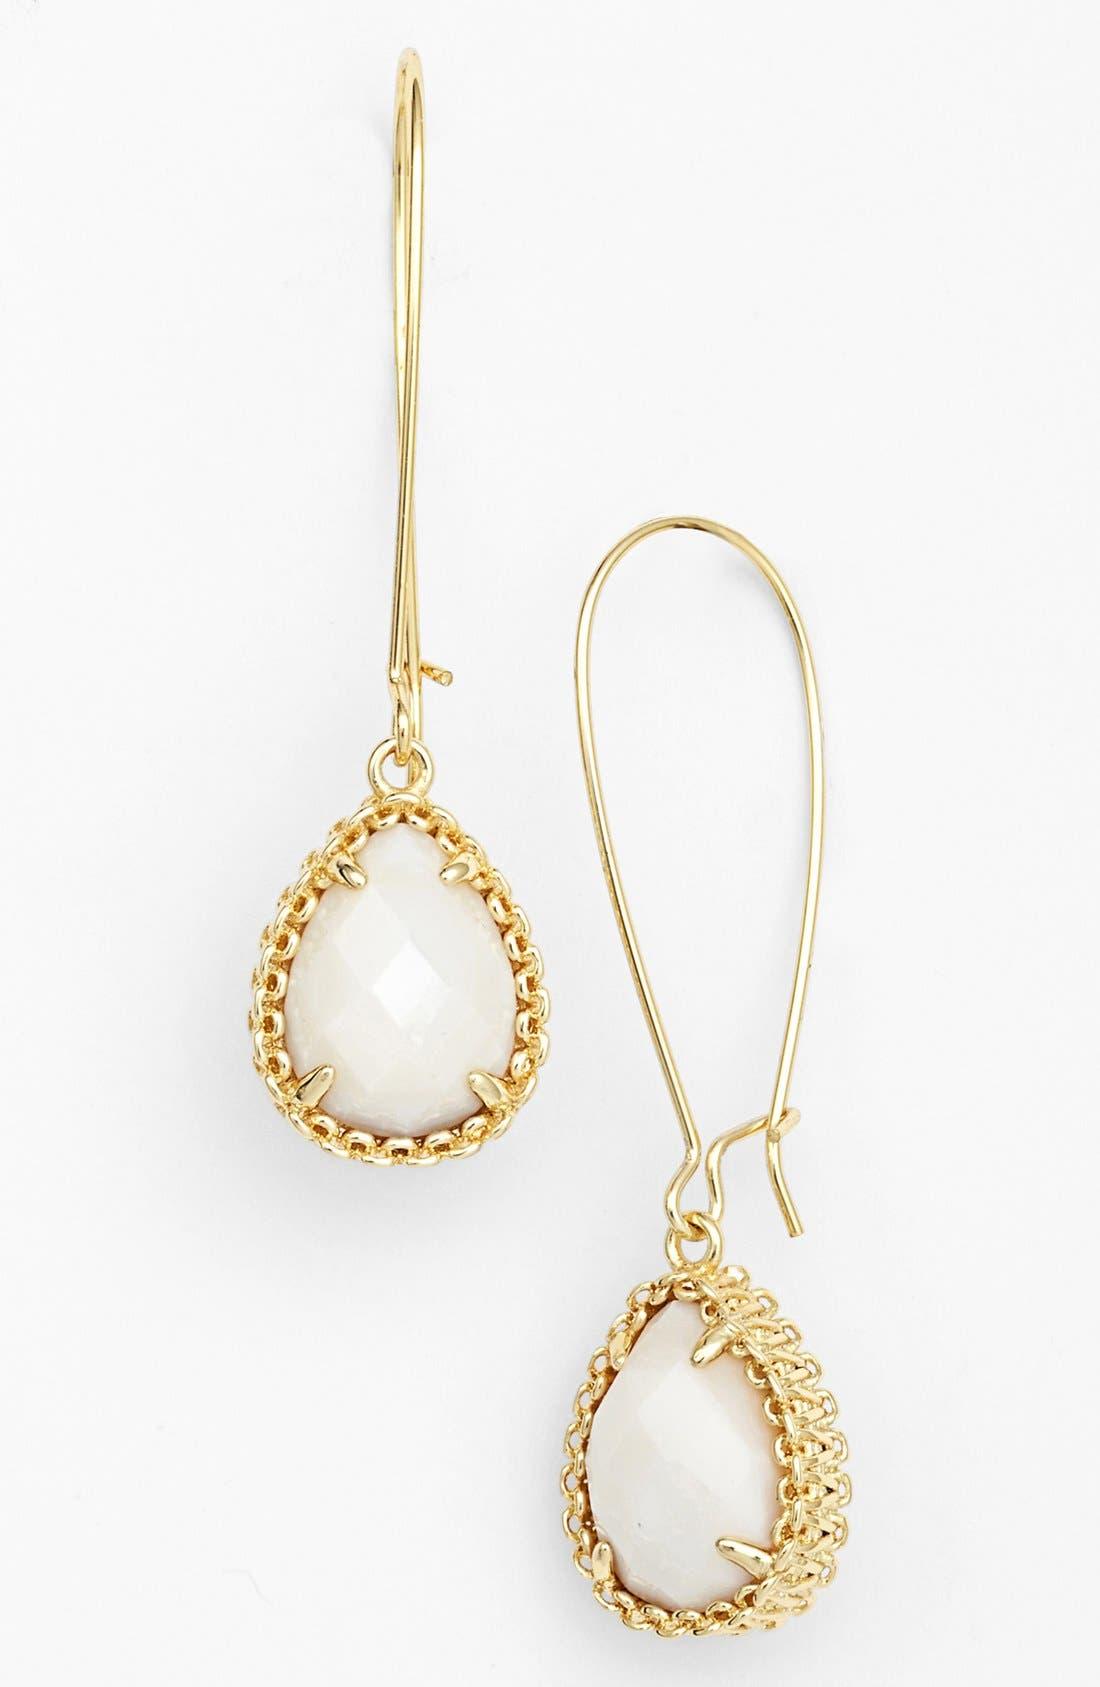 Main Image - Kendra Scott 'Shelly' Drop Earrings